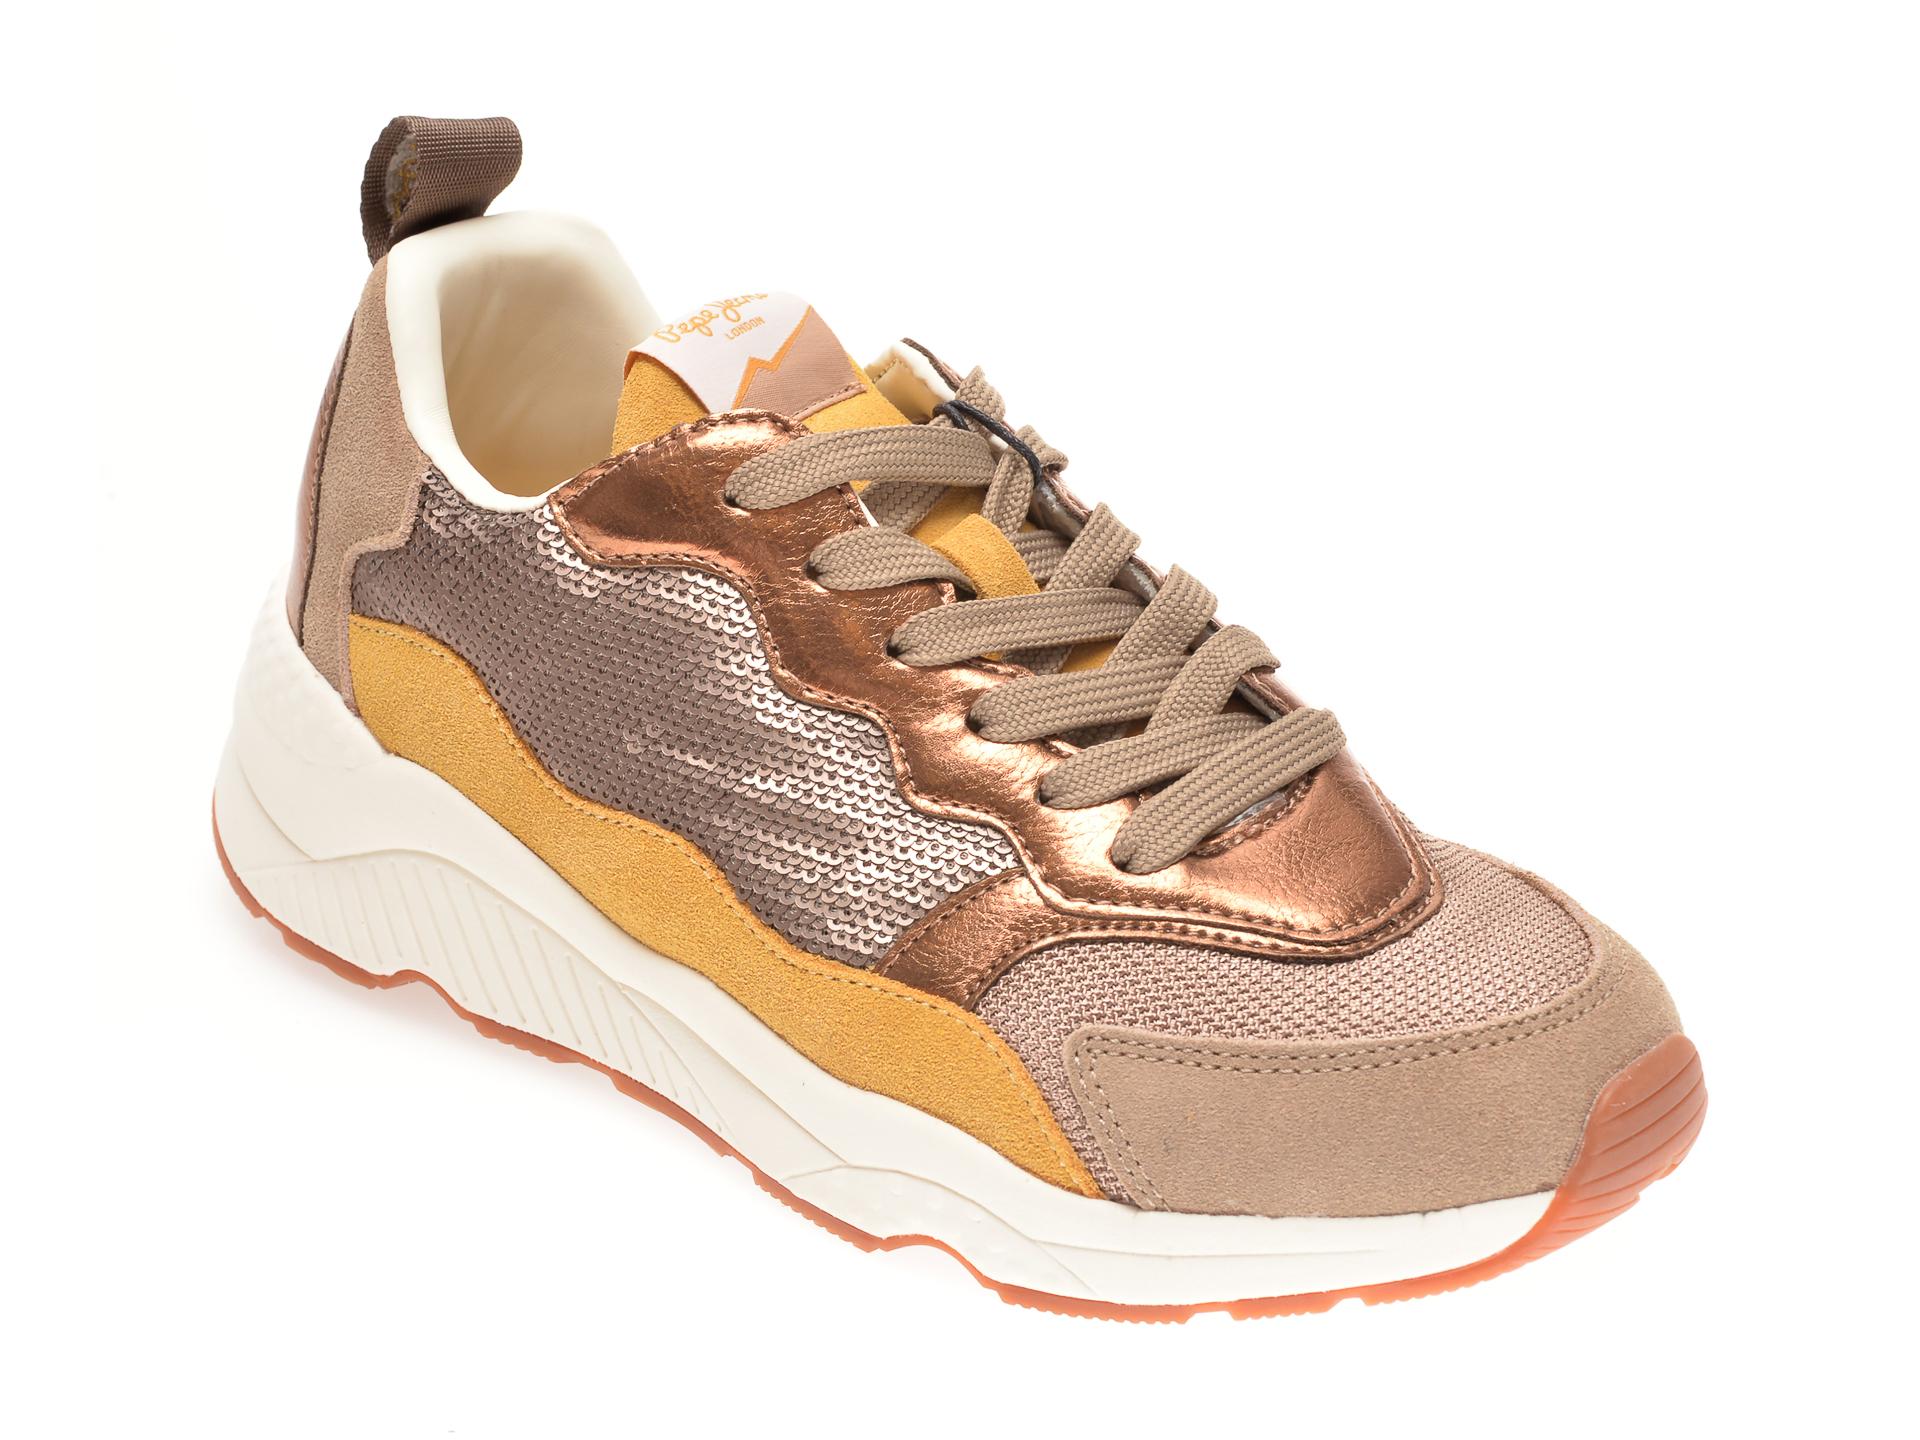 Pantofi sport PEPE JEANS aurii, LS31078, din piele ecologica